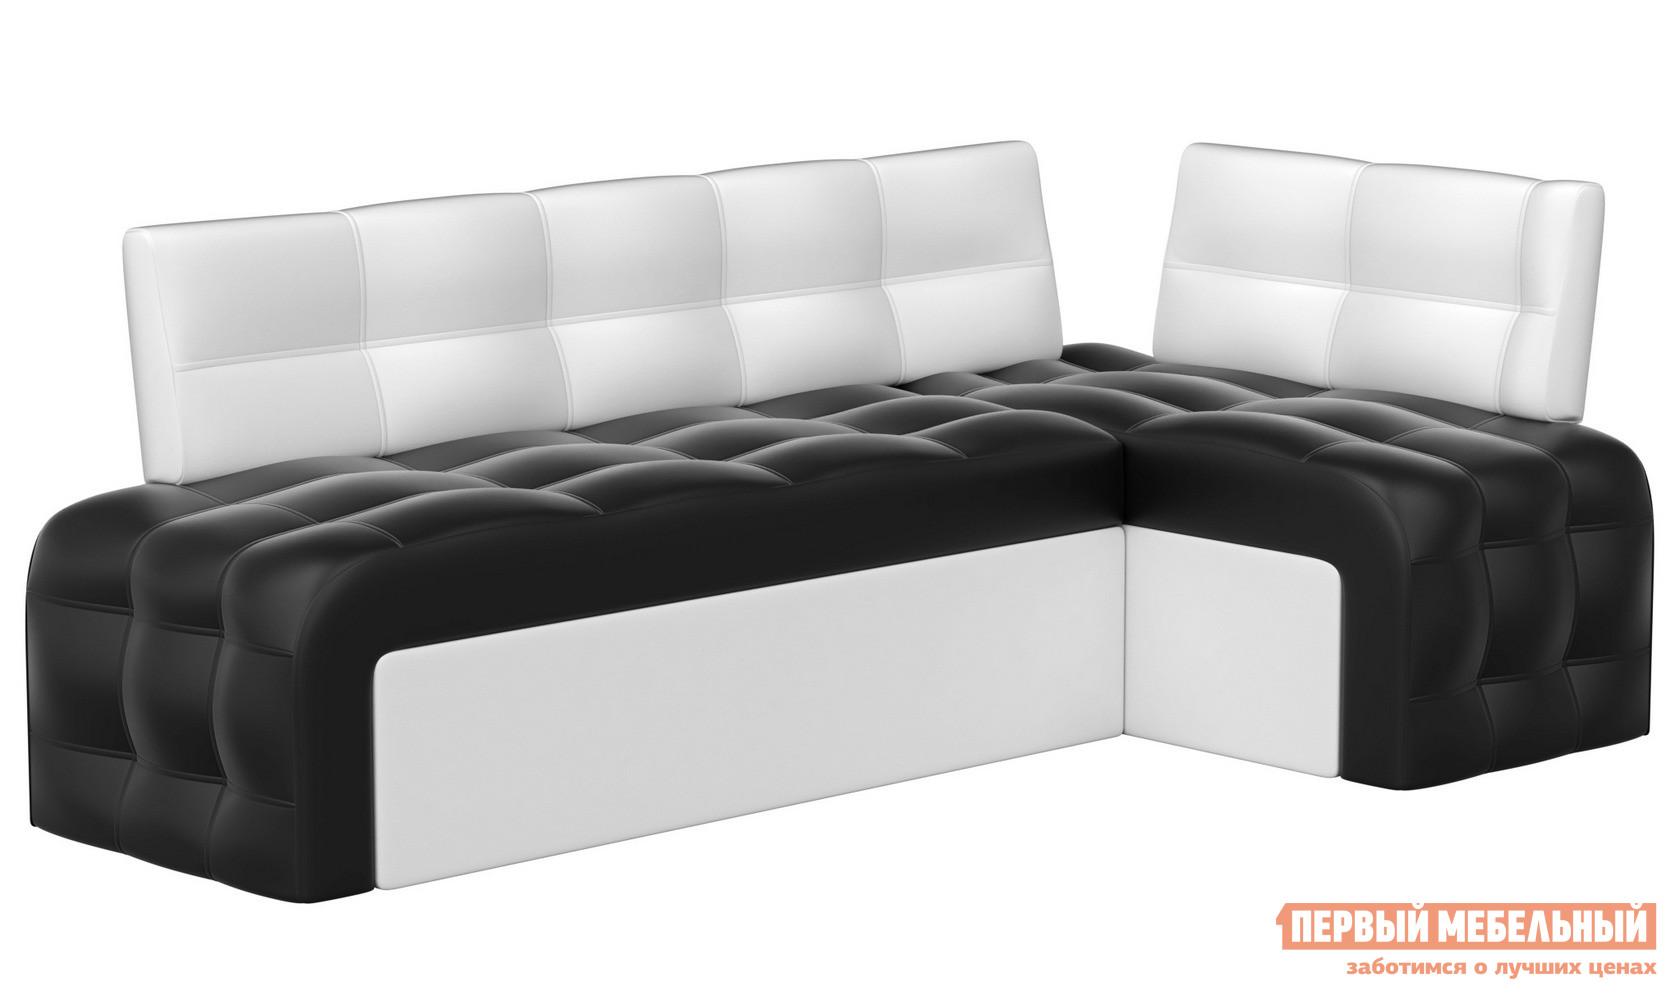 Односпальный диван на кухню Мебелико Кухонный угловой диван Люксор эко-кожа